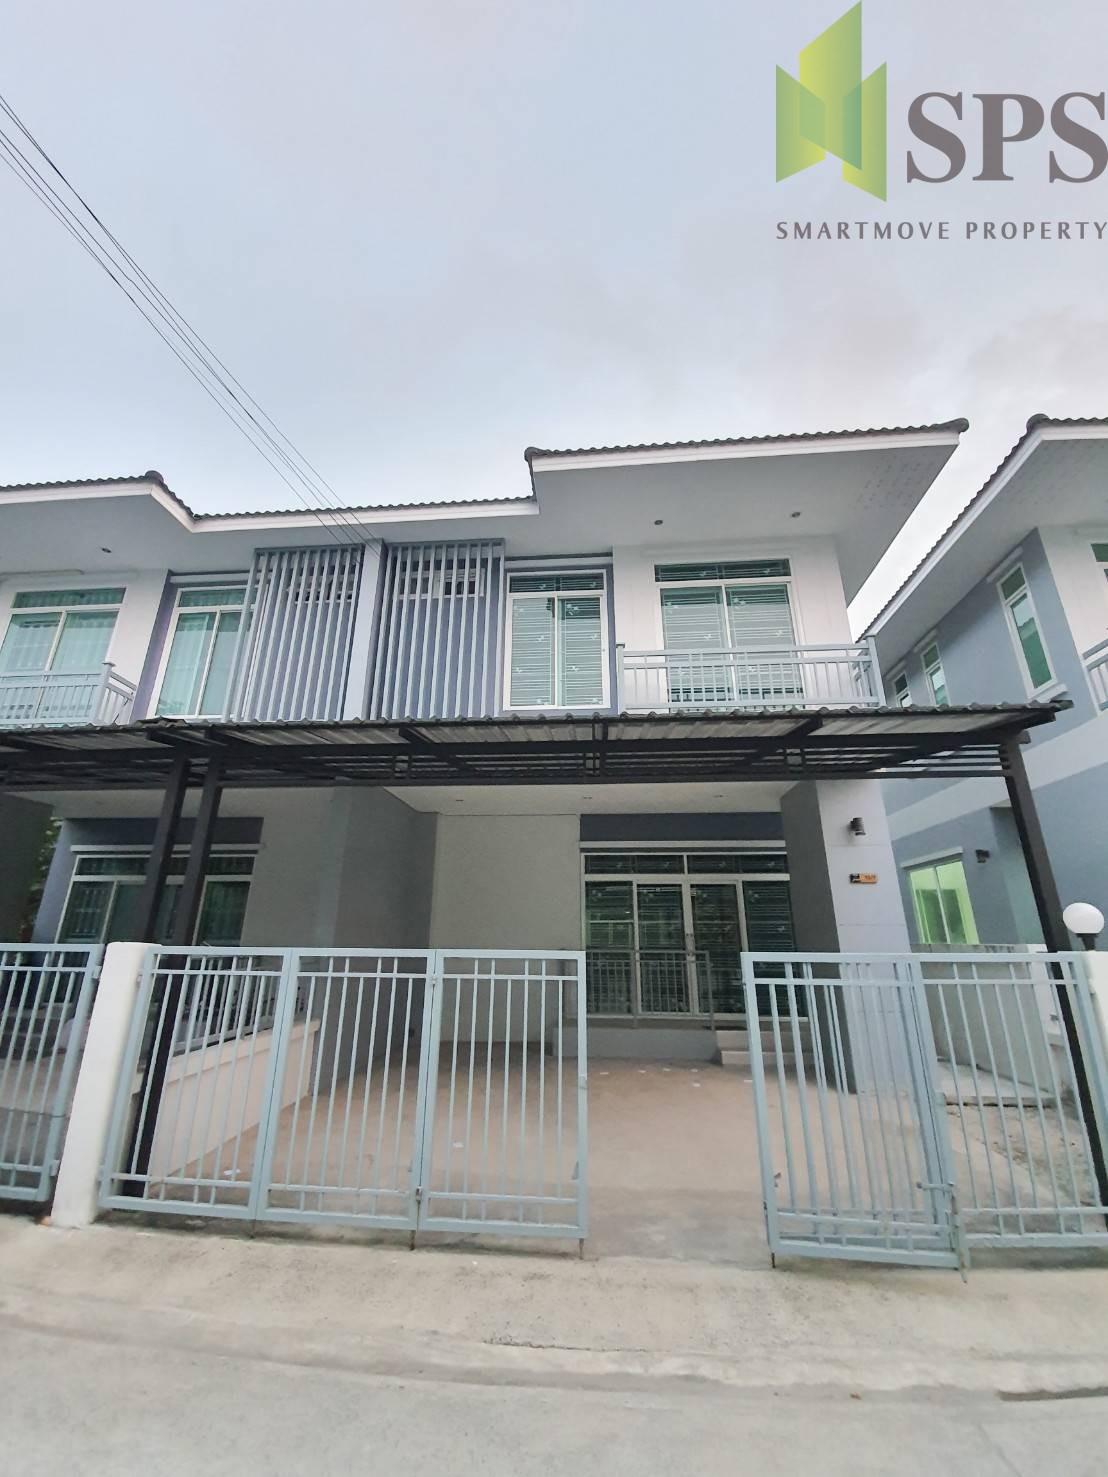 ขาย บ้านแฝดสไตล์โมเดิร์นทันสมัย ซ.สายลวด1 (SPS P301)